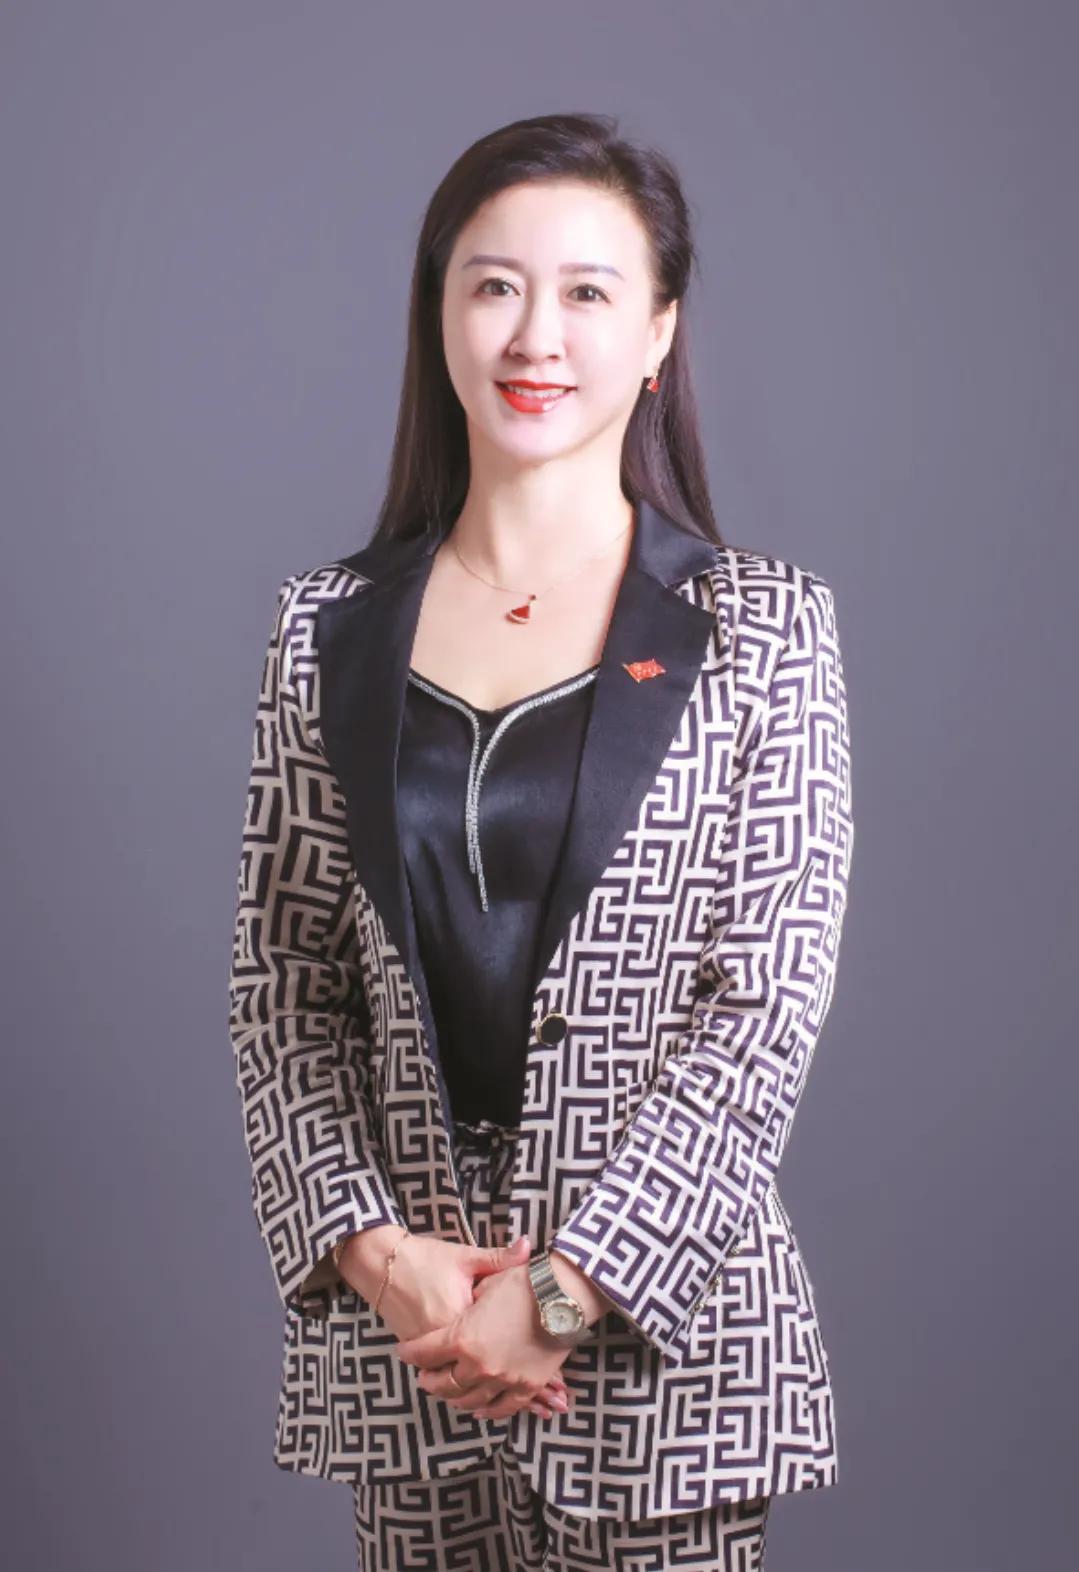 女企业家陈宁:服务到客户心里,就能听到花开的声音